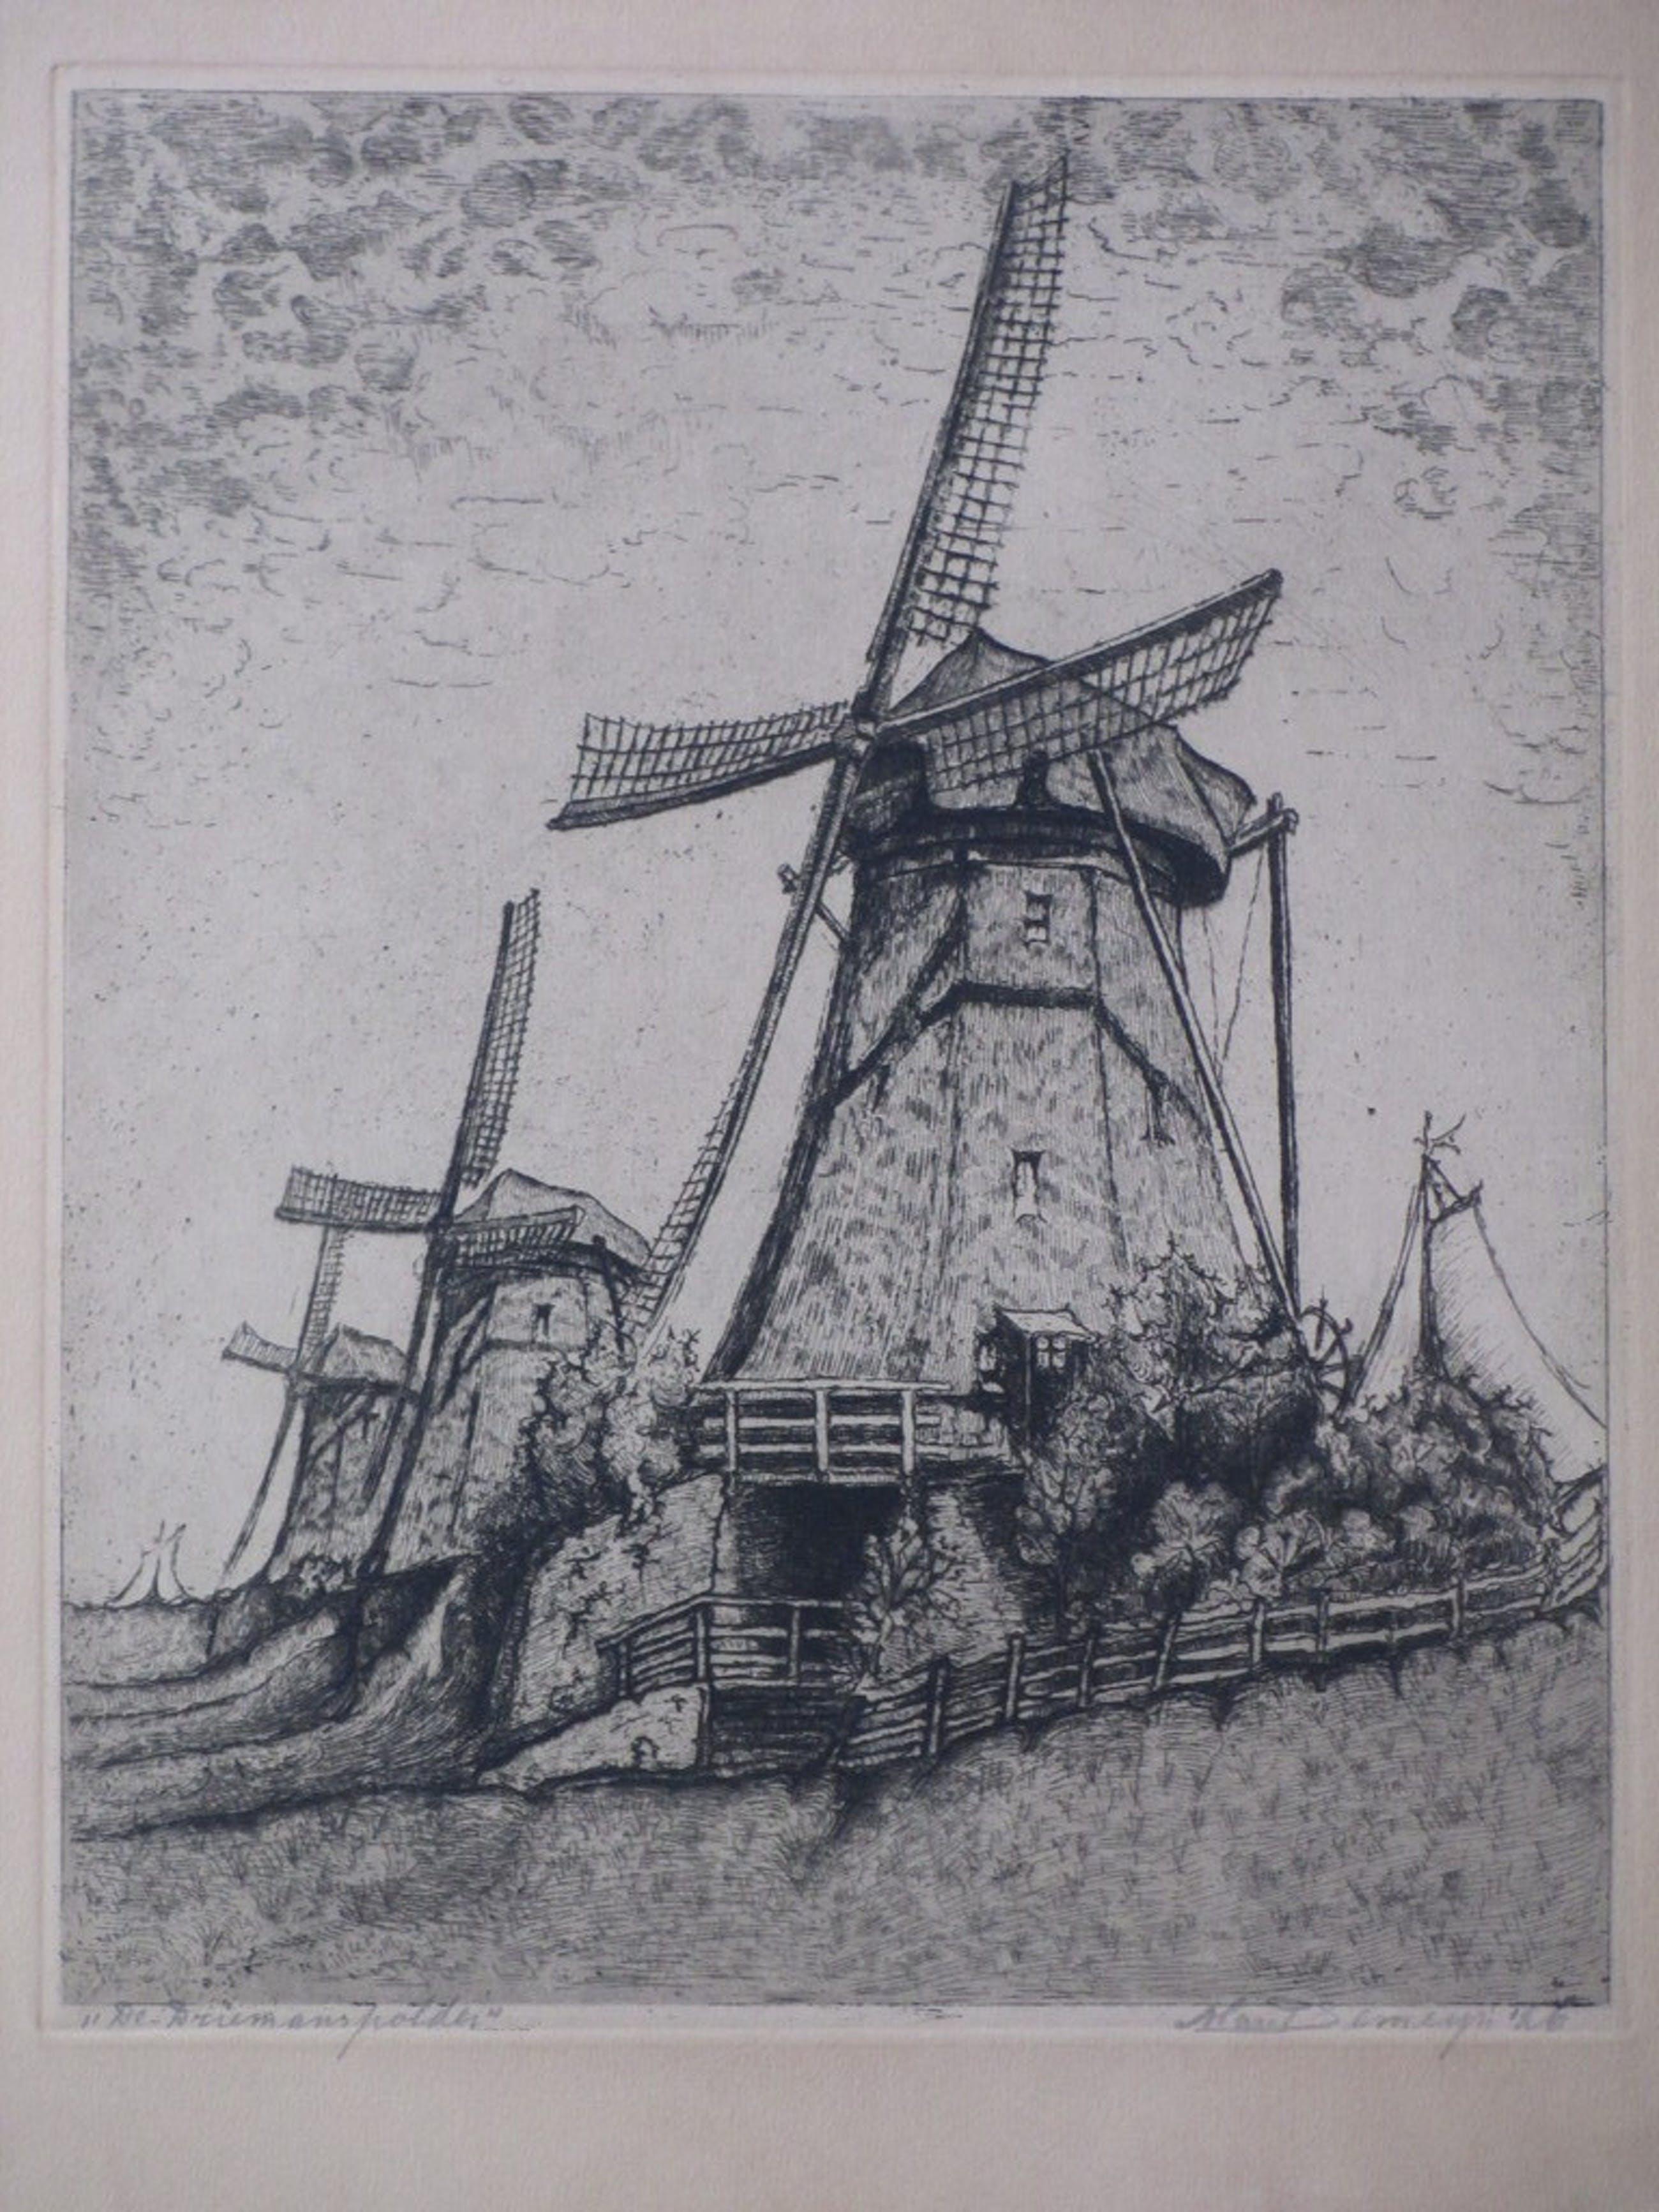 Marinus Pieter Semeijn, De Driemanspolder, Ets '26 kopen? Bied vanaf 30!